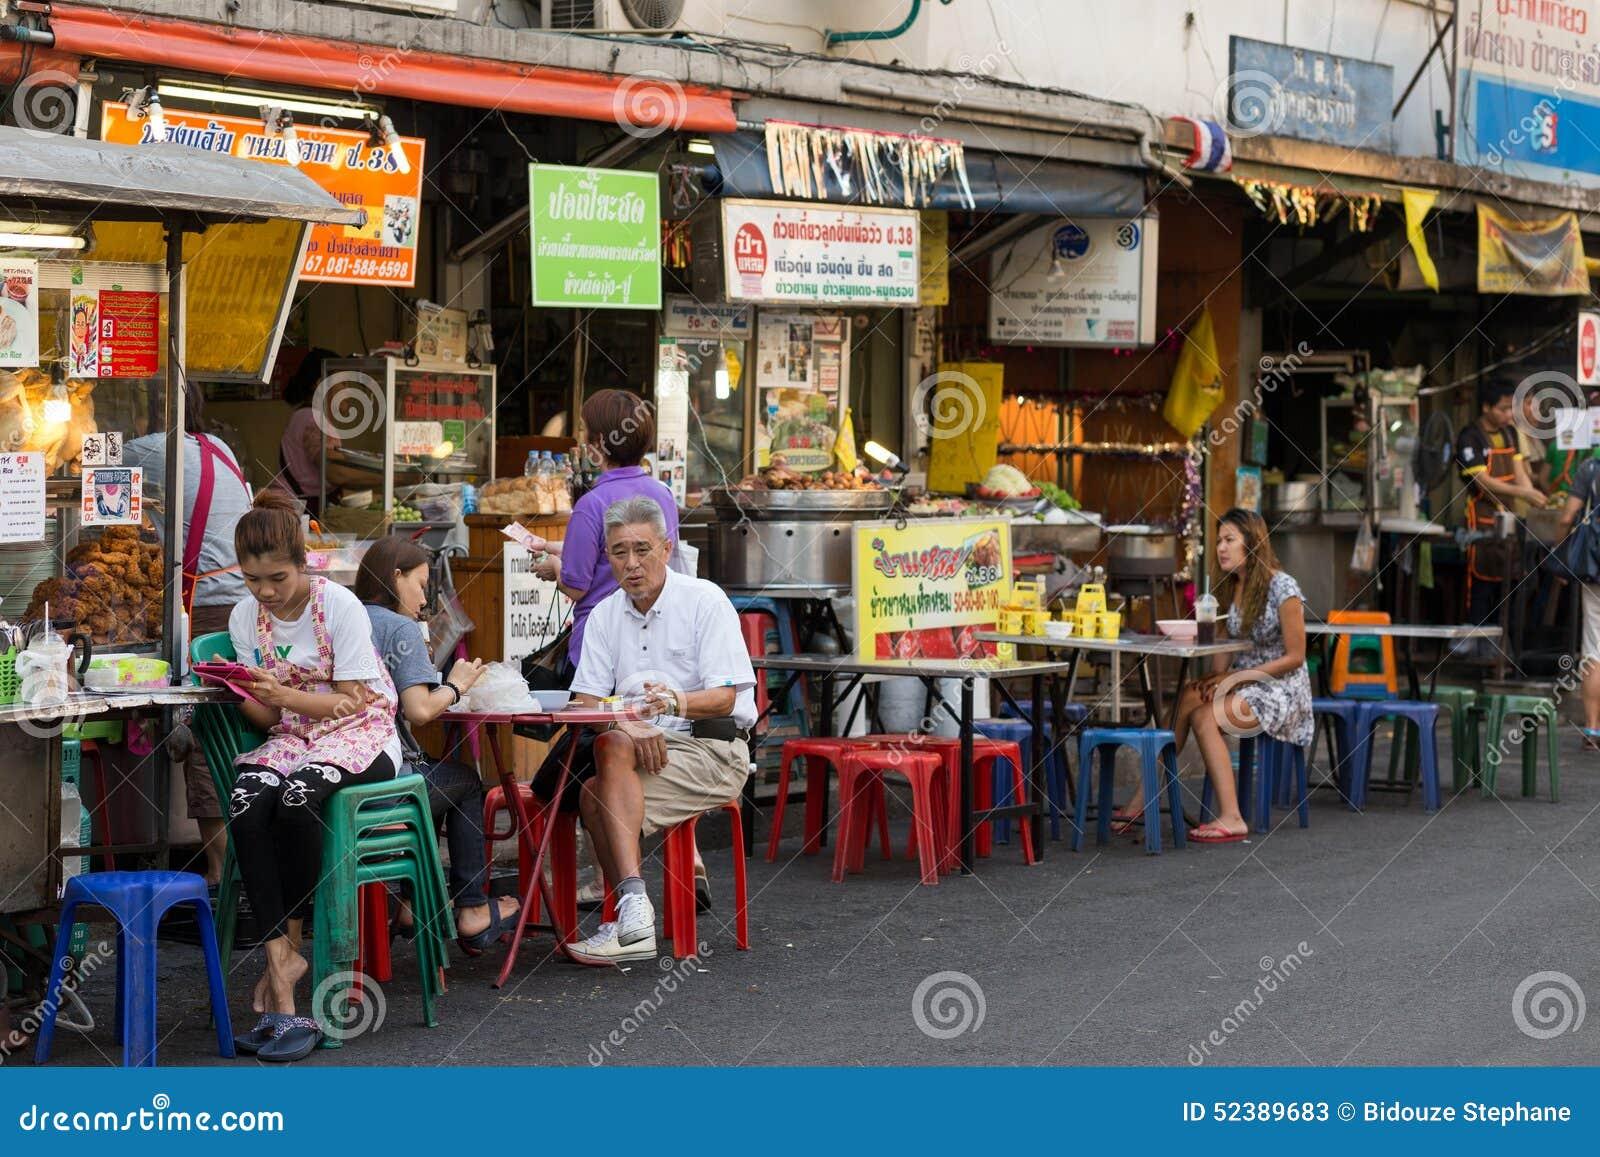 Famous Street Food In Bangkok